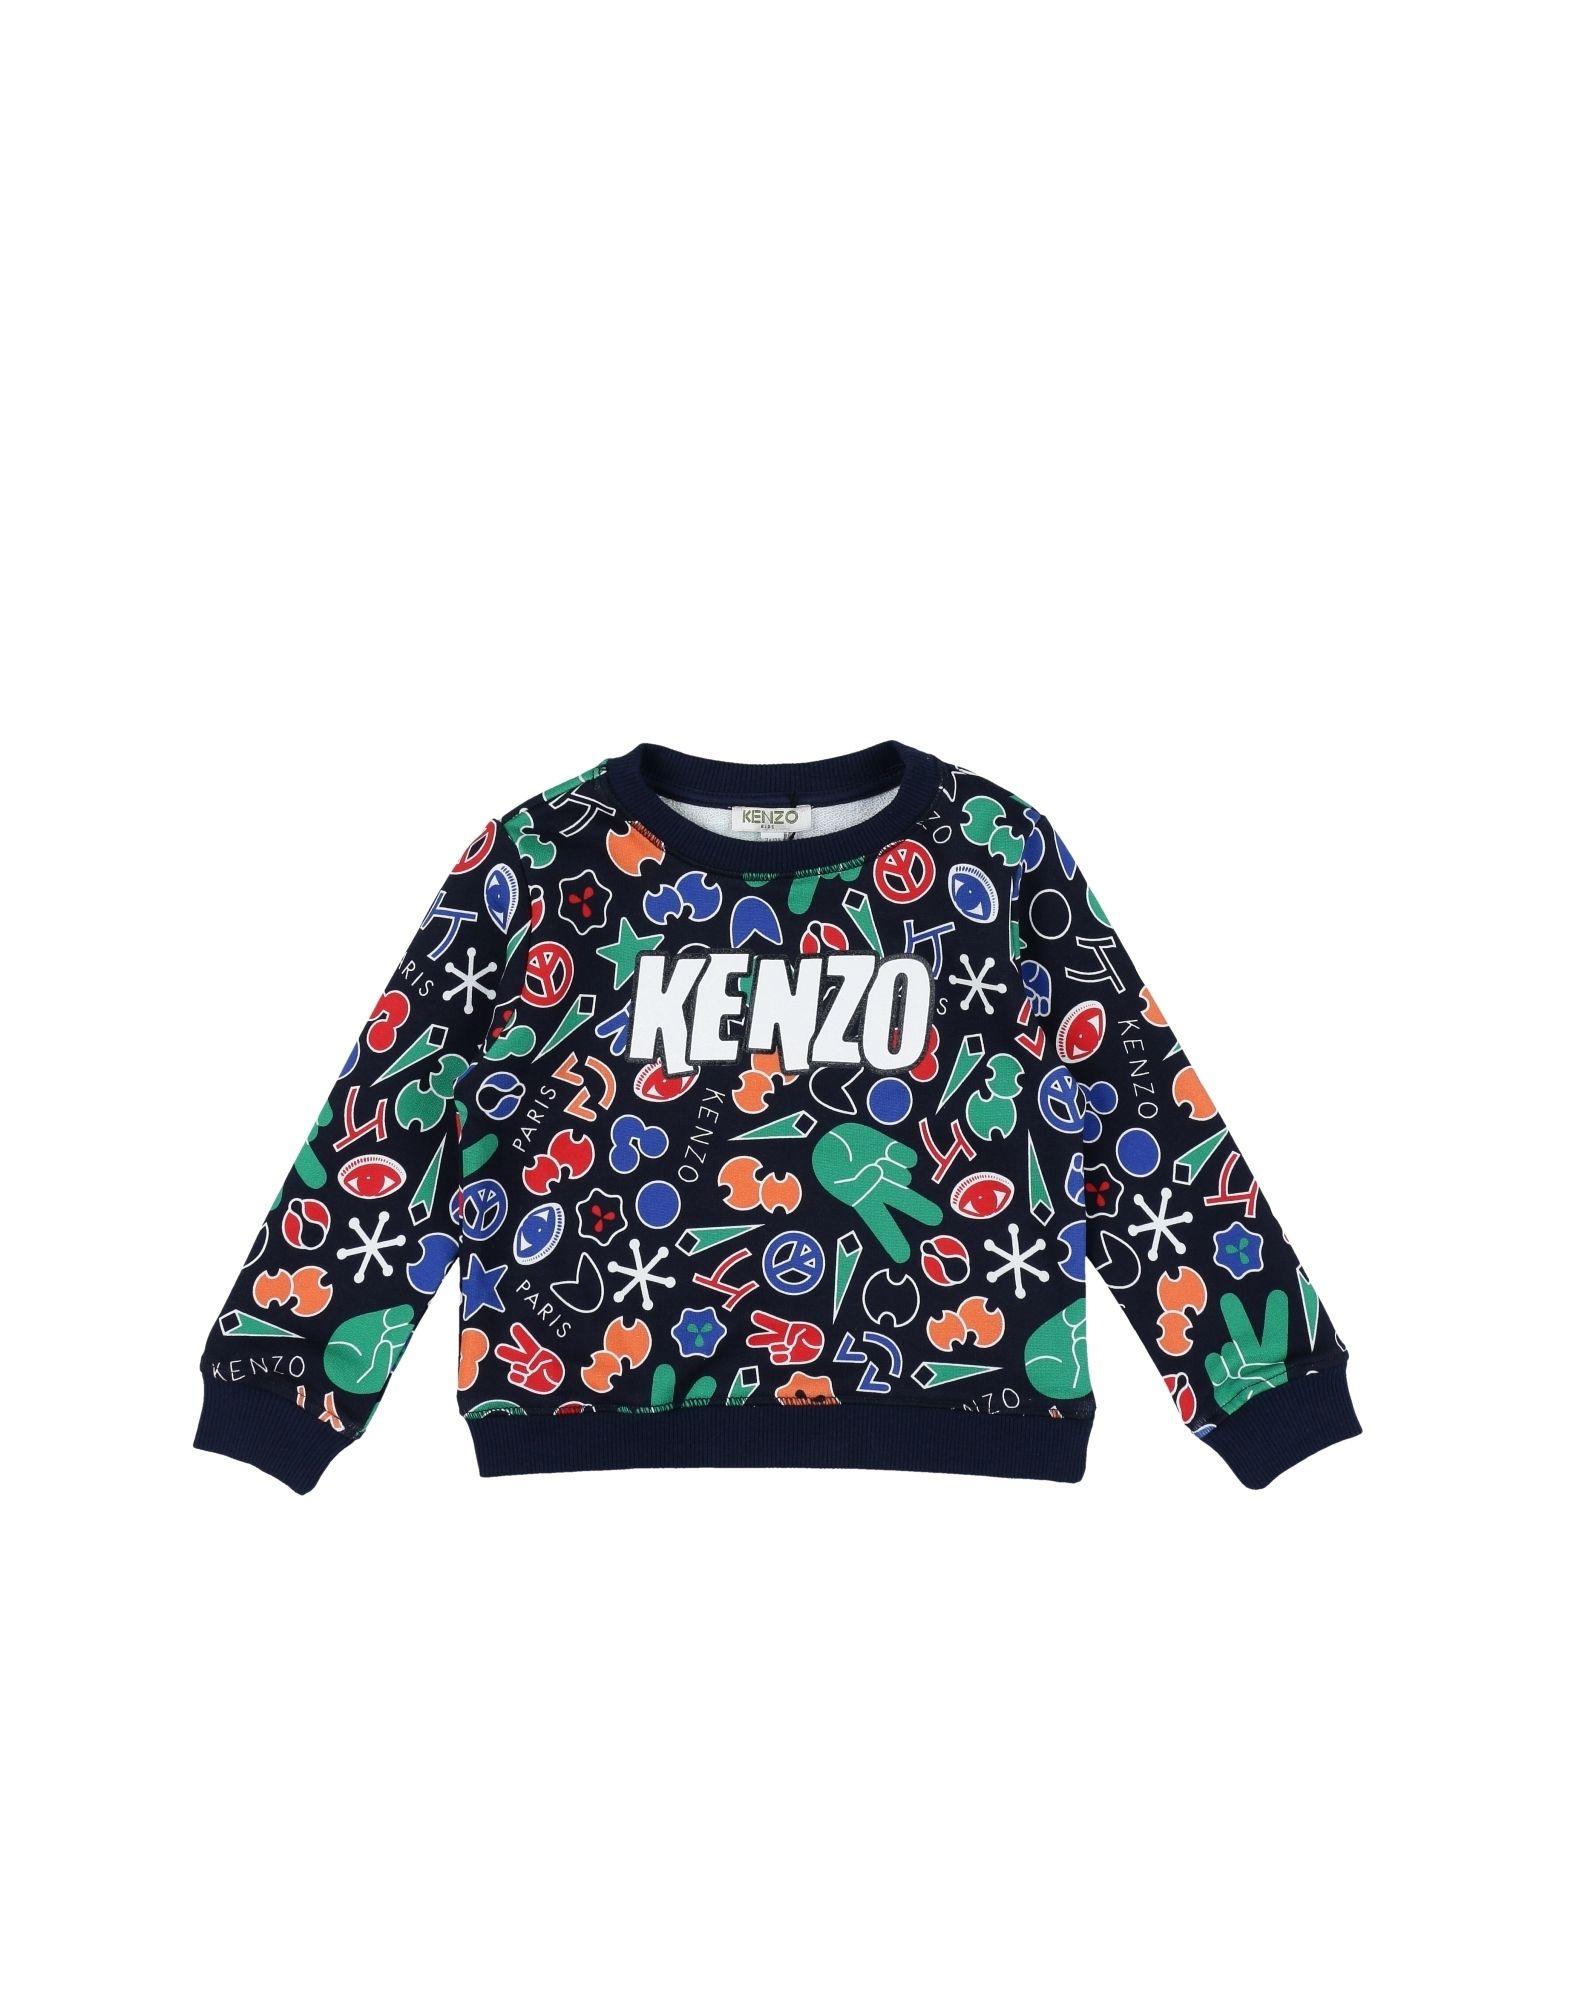 KENZO Jungen 3-8 jahre Sweatshirt Farbe Dunkelblau Größe 6 - broschei